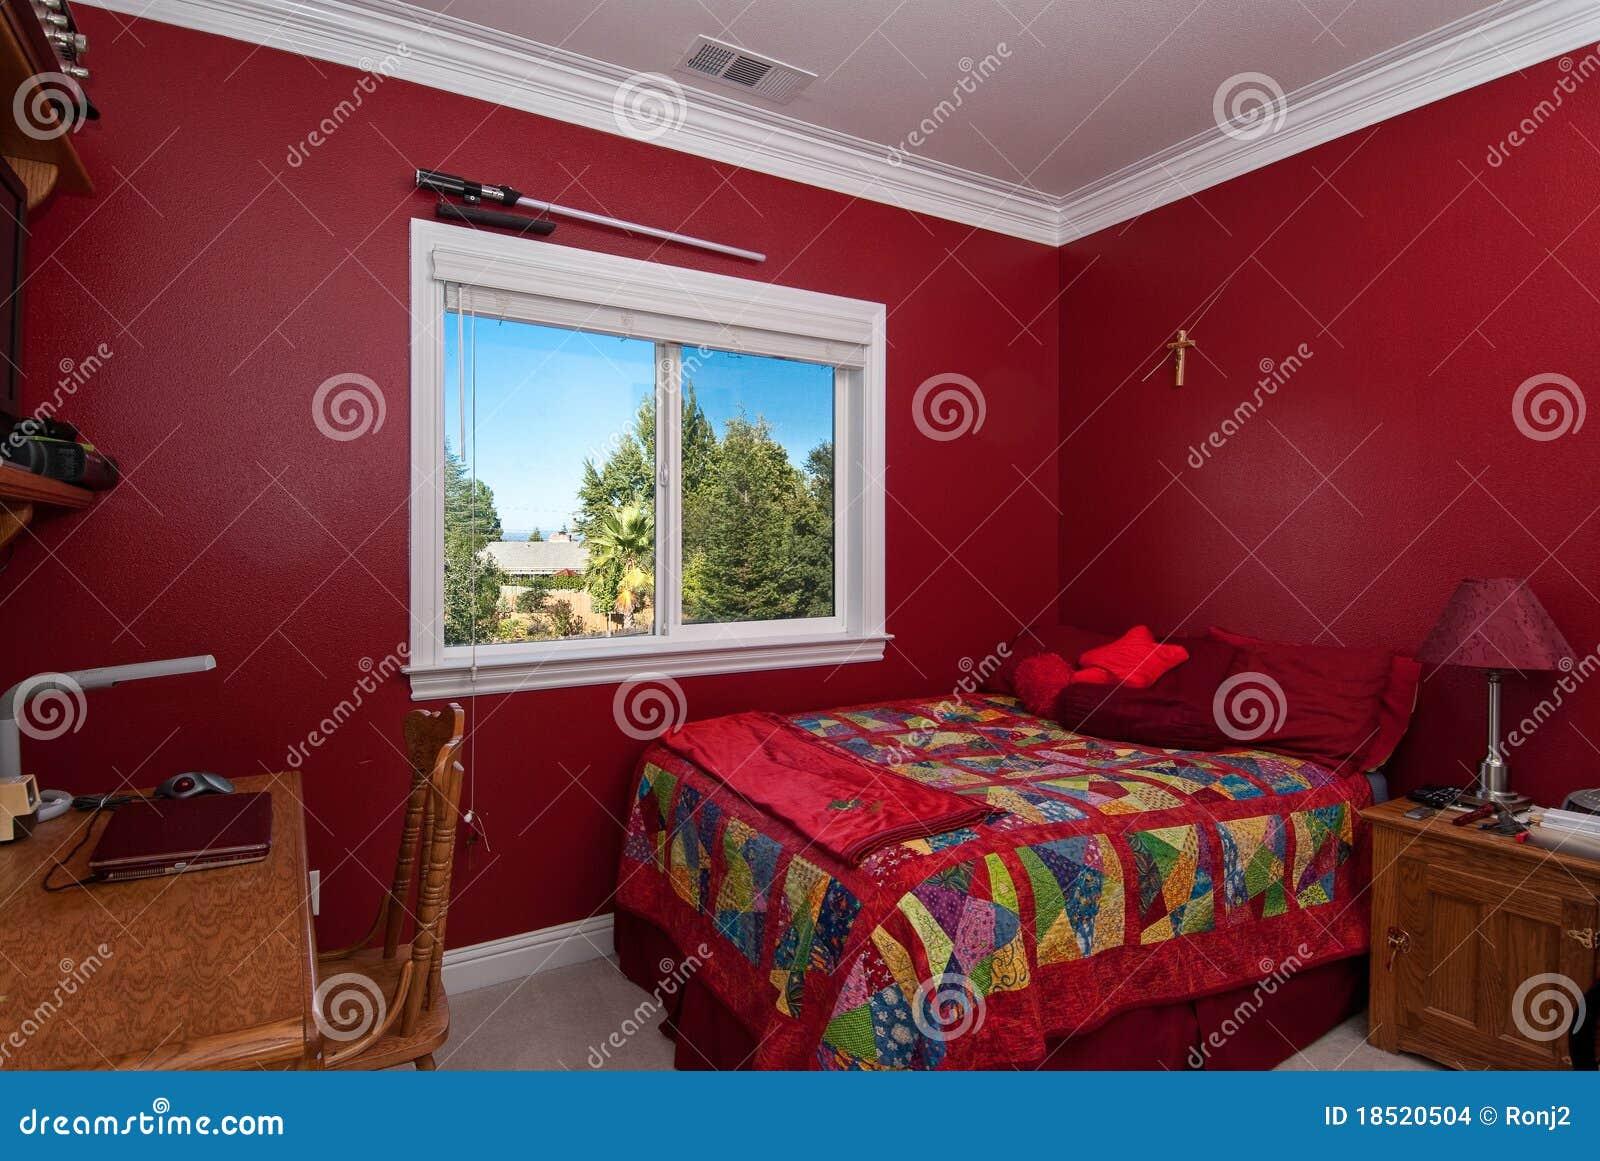 Slaapkamer In Rood : Typische gastslaapkamer (athough rood) in een aardig douanehuis.